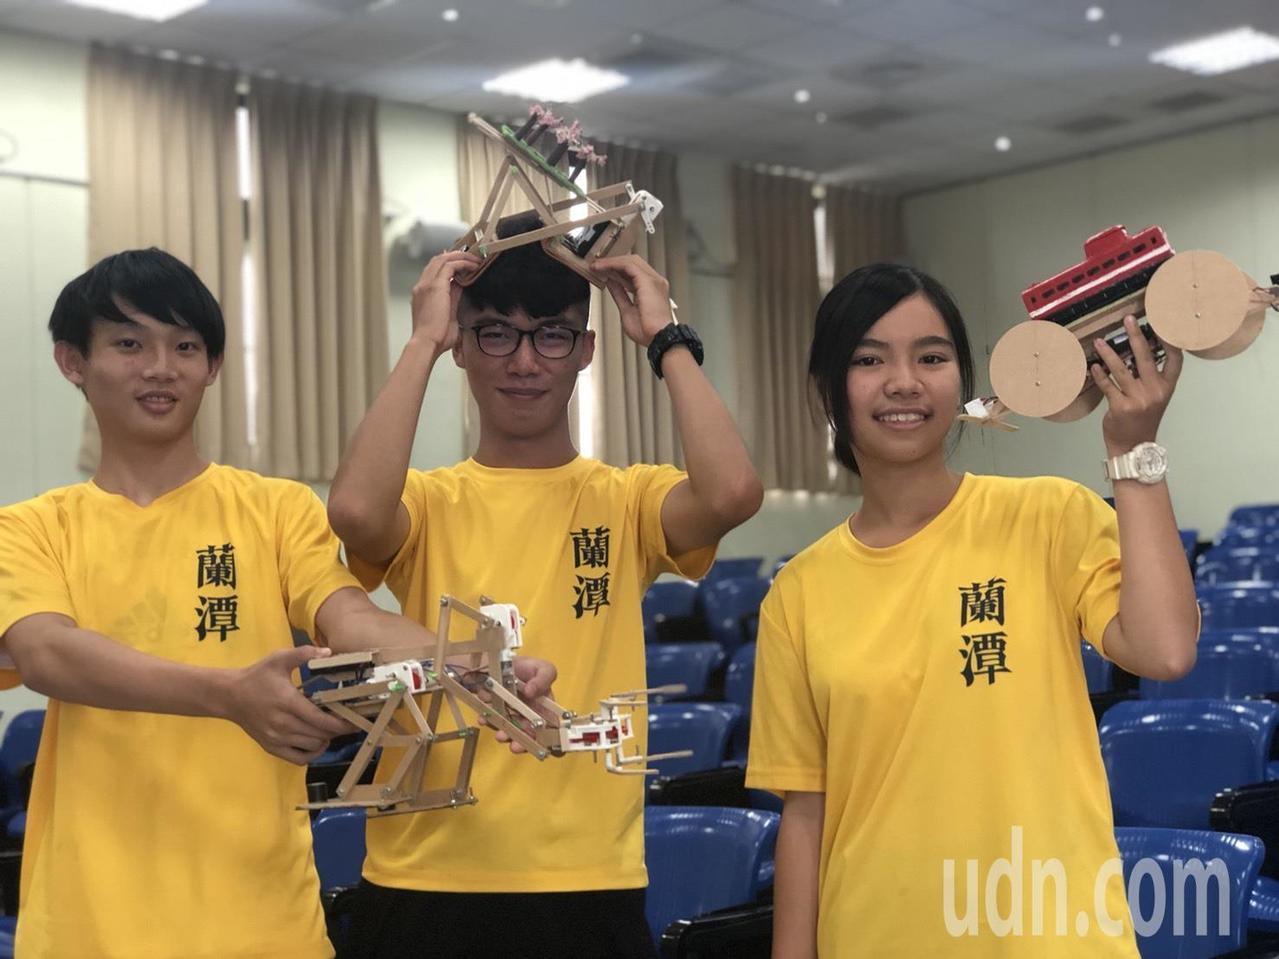 嘉義市蘭潭國中科技隊是比賽常勝軍,學生鄭旭佑、陳玟卉、蕭宇軒(由左至右)拿著和夥...